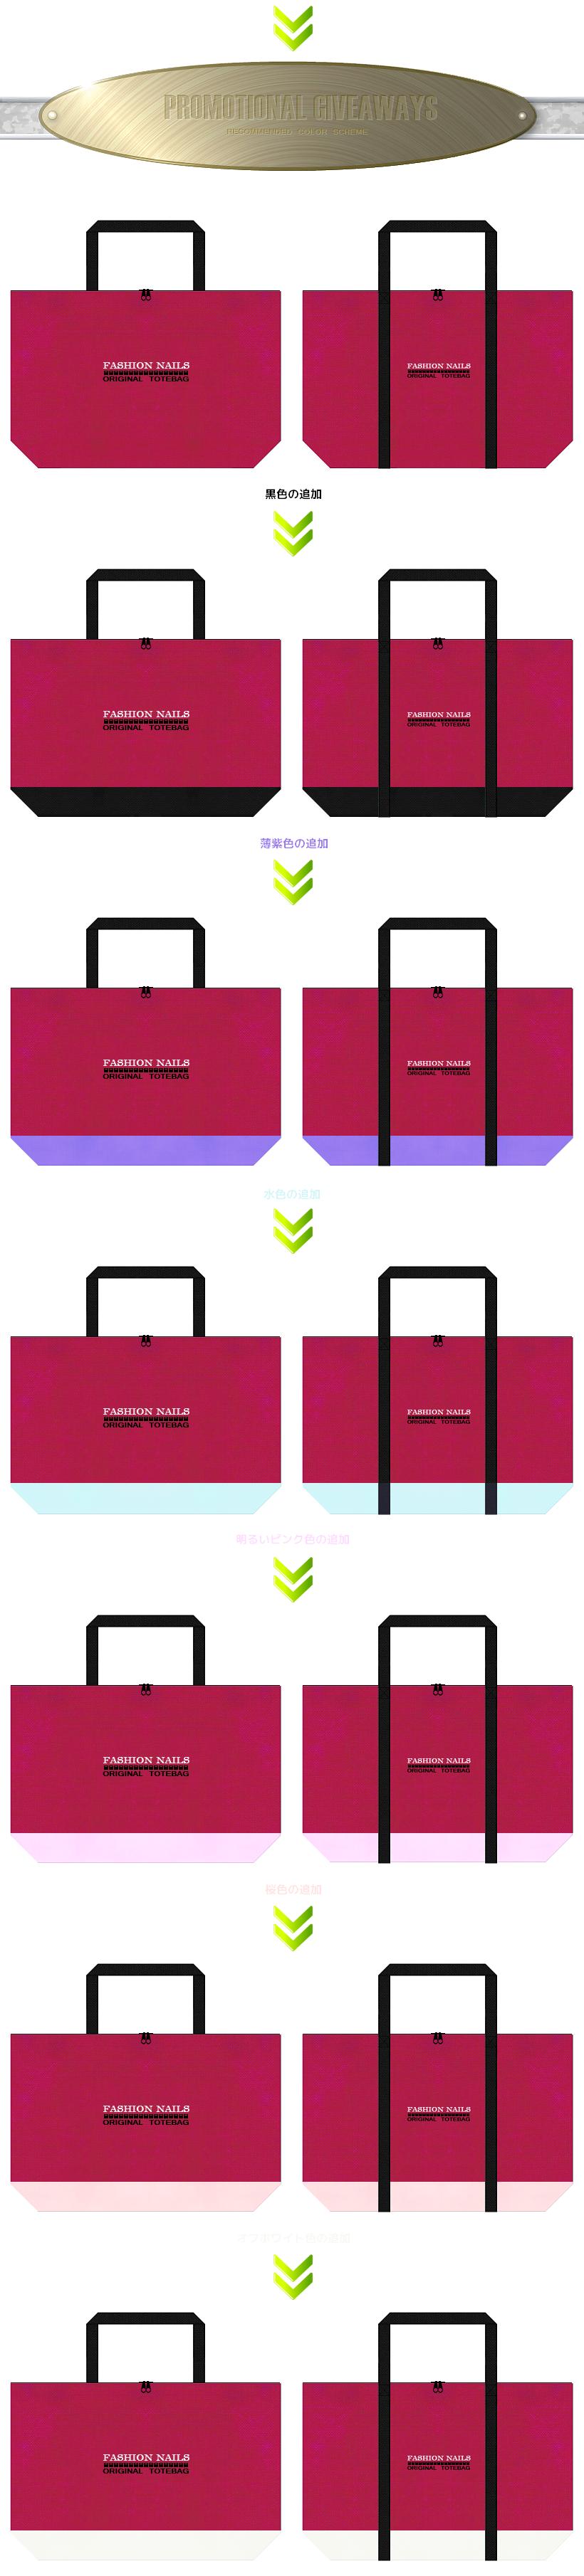 濃いピンク色と黒色メインの不織布バッグのカラーシミュレーション:美容・コスメ・ネイル・エステのノベルティにお奨めです。